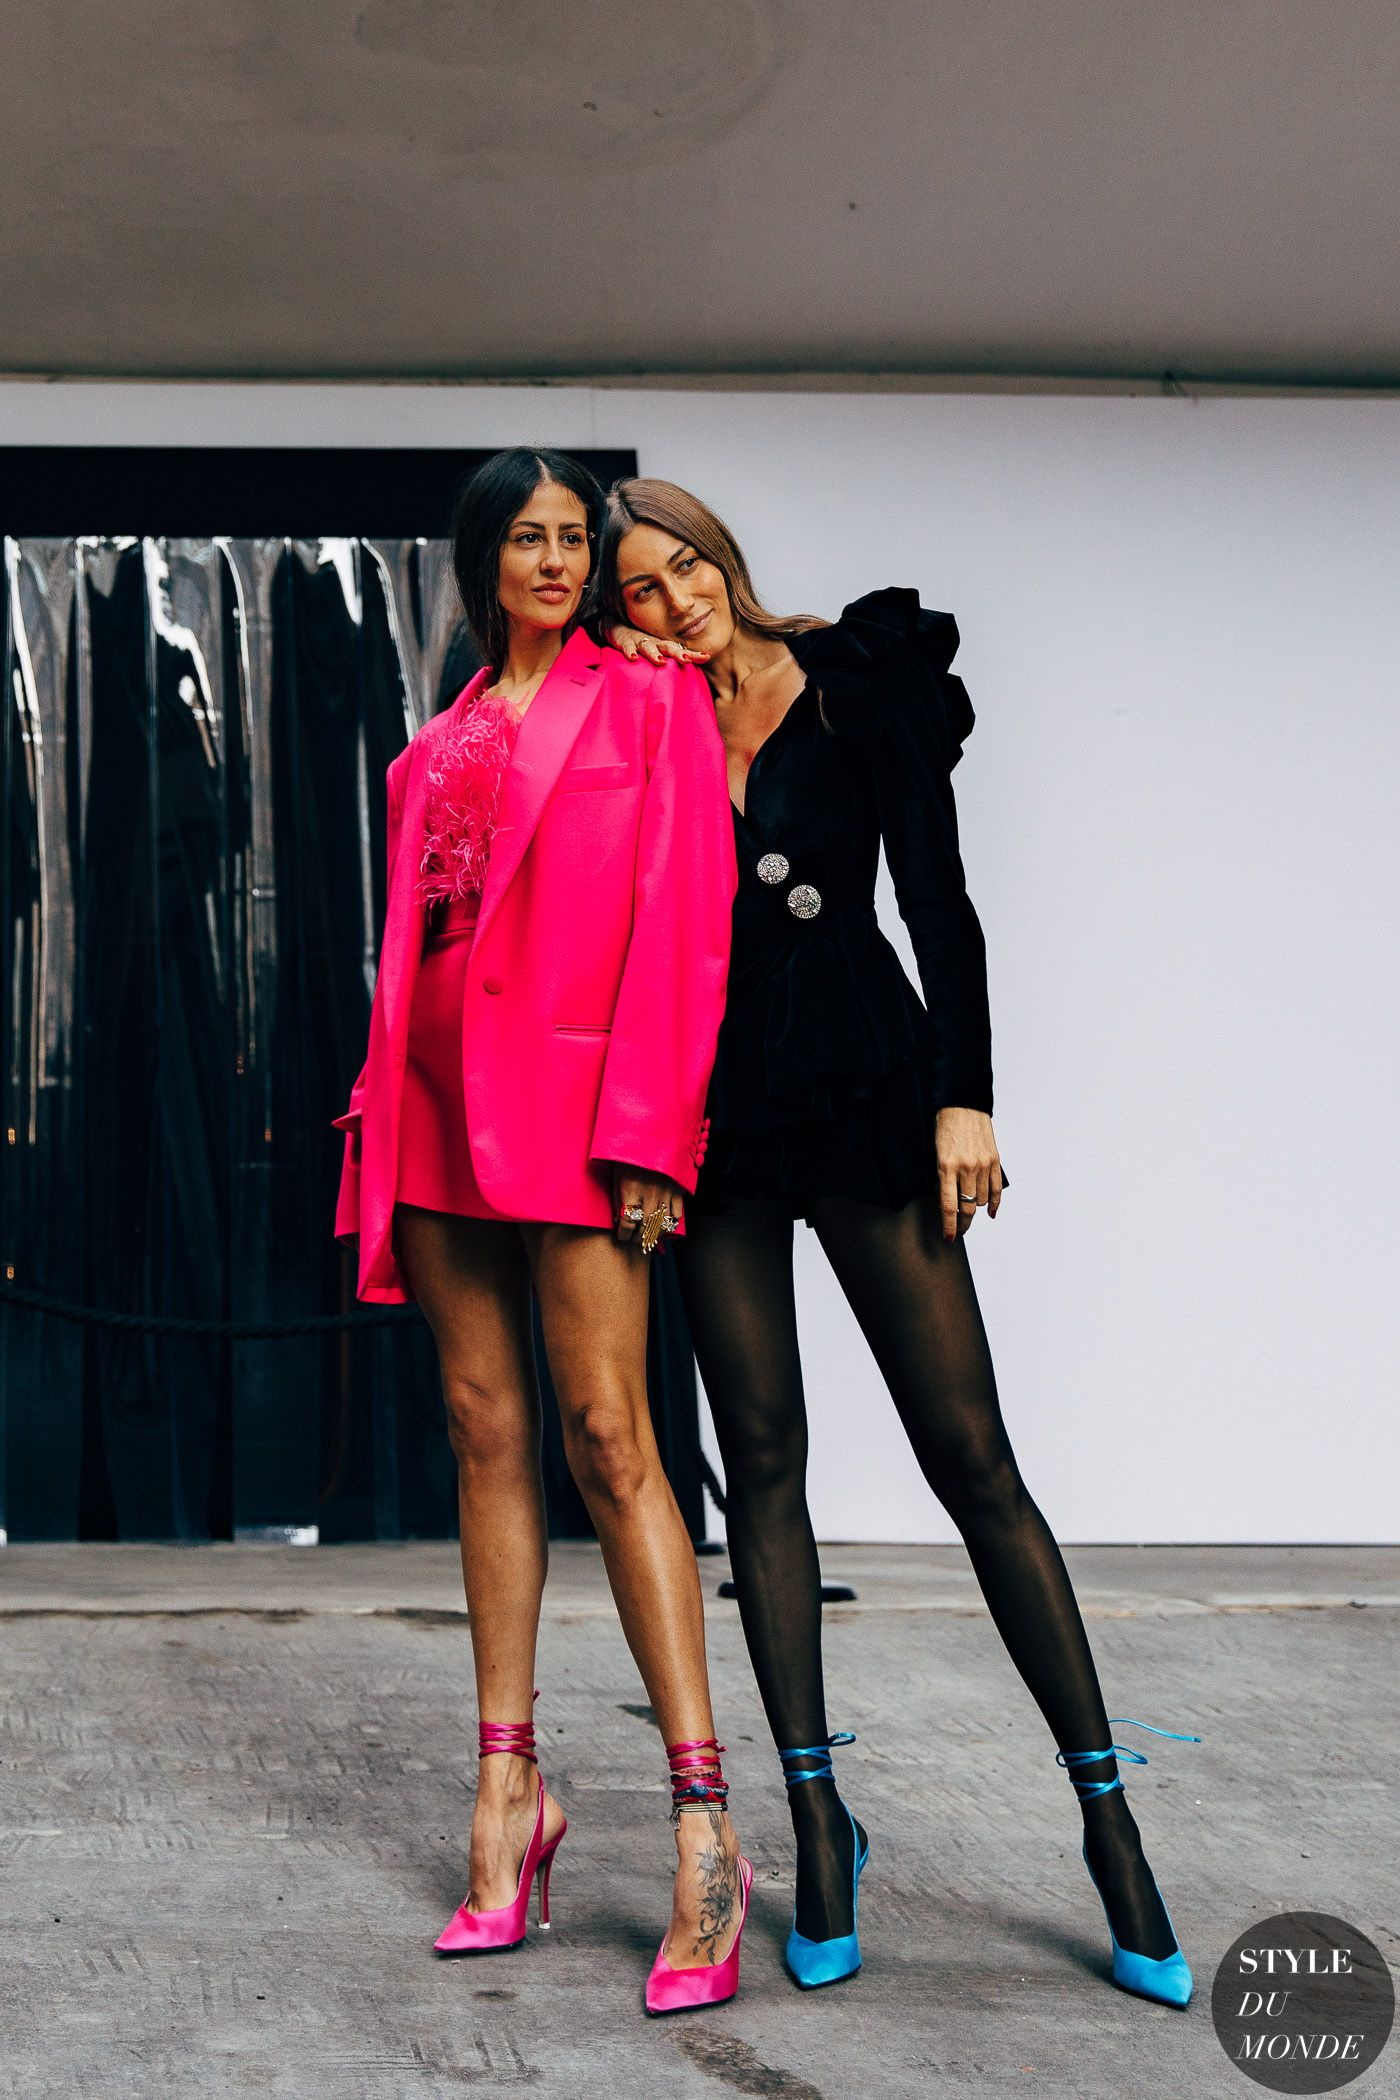 Milan FW 2019 Street Style: Gilda Ambrosio and Giorgia Tordini